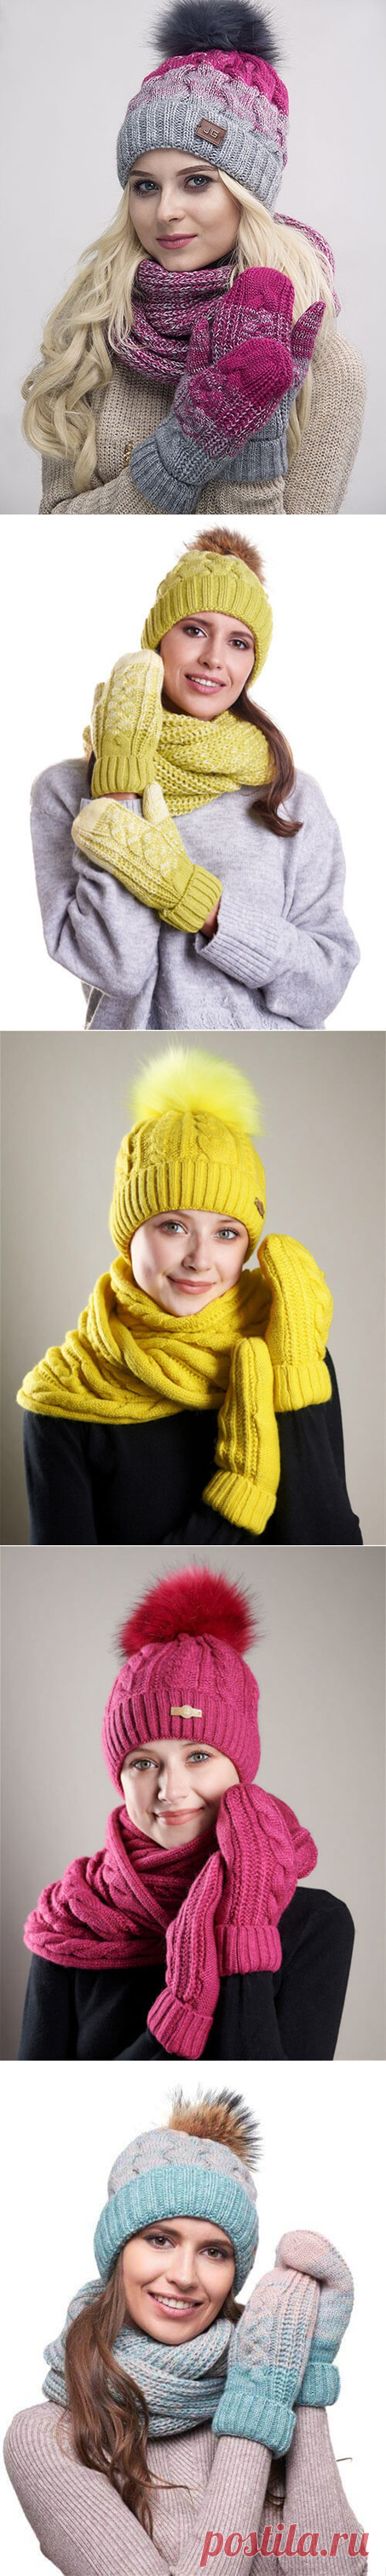 Стильные вязаные комплекты ( шапка шарф варежки ) Такой вязаный женский комплект придаст зимнему образу индивидуальность, а также подчеркнут хороший вкус своего обладателя. Купить вязаный женский комплект можно в нашем интернет магазине Широкий ассортимент вязаных комплектов из натурального меха . Все модели имеют оригинальный неповторимый дизайн, и обязательно понравятся всем модницам, обожающим быть в центре внимания. | здоровое питание